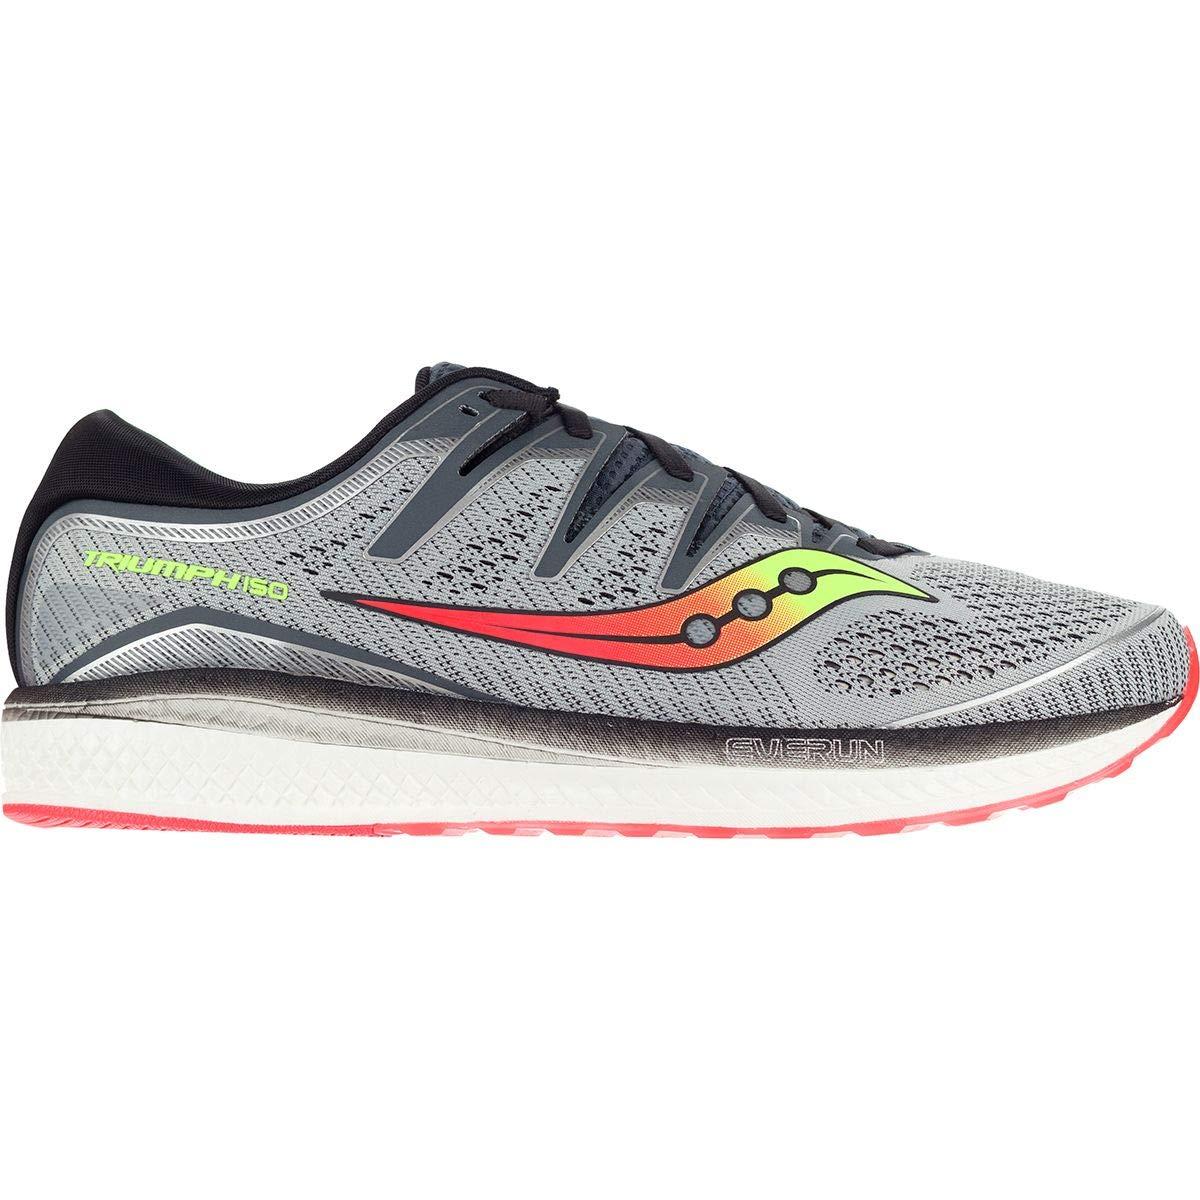 スーパーセール期間限定 [サッカニー] 10 メンズ Iso ランニング Triumph ランニング Iso 5 Running Shoe [並行輸入品] B07NXXMR2B 10, アソマチ:1edd675f --- cafestar.in